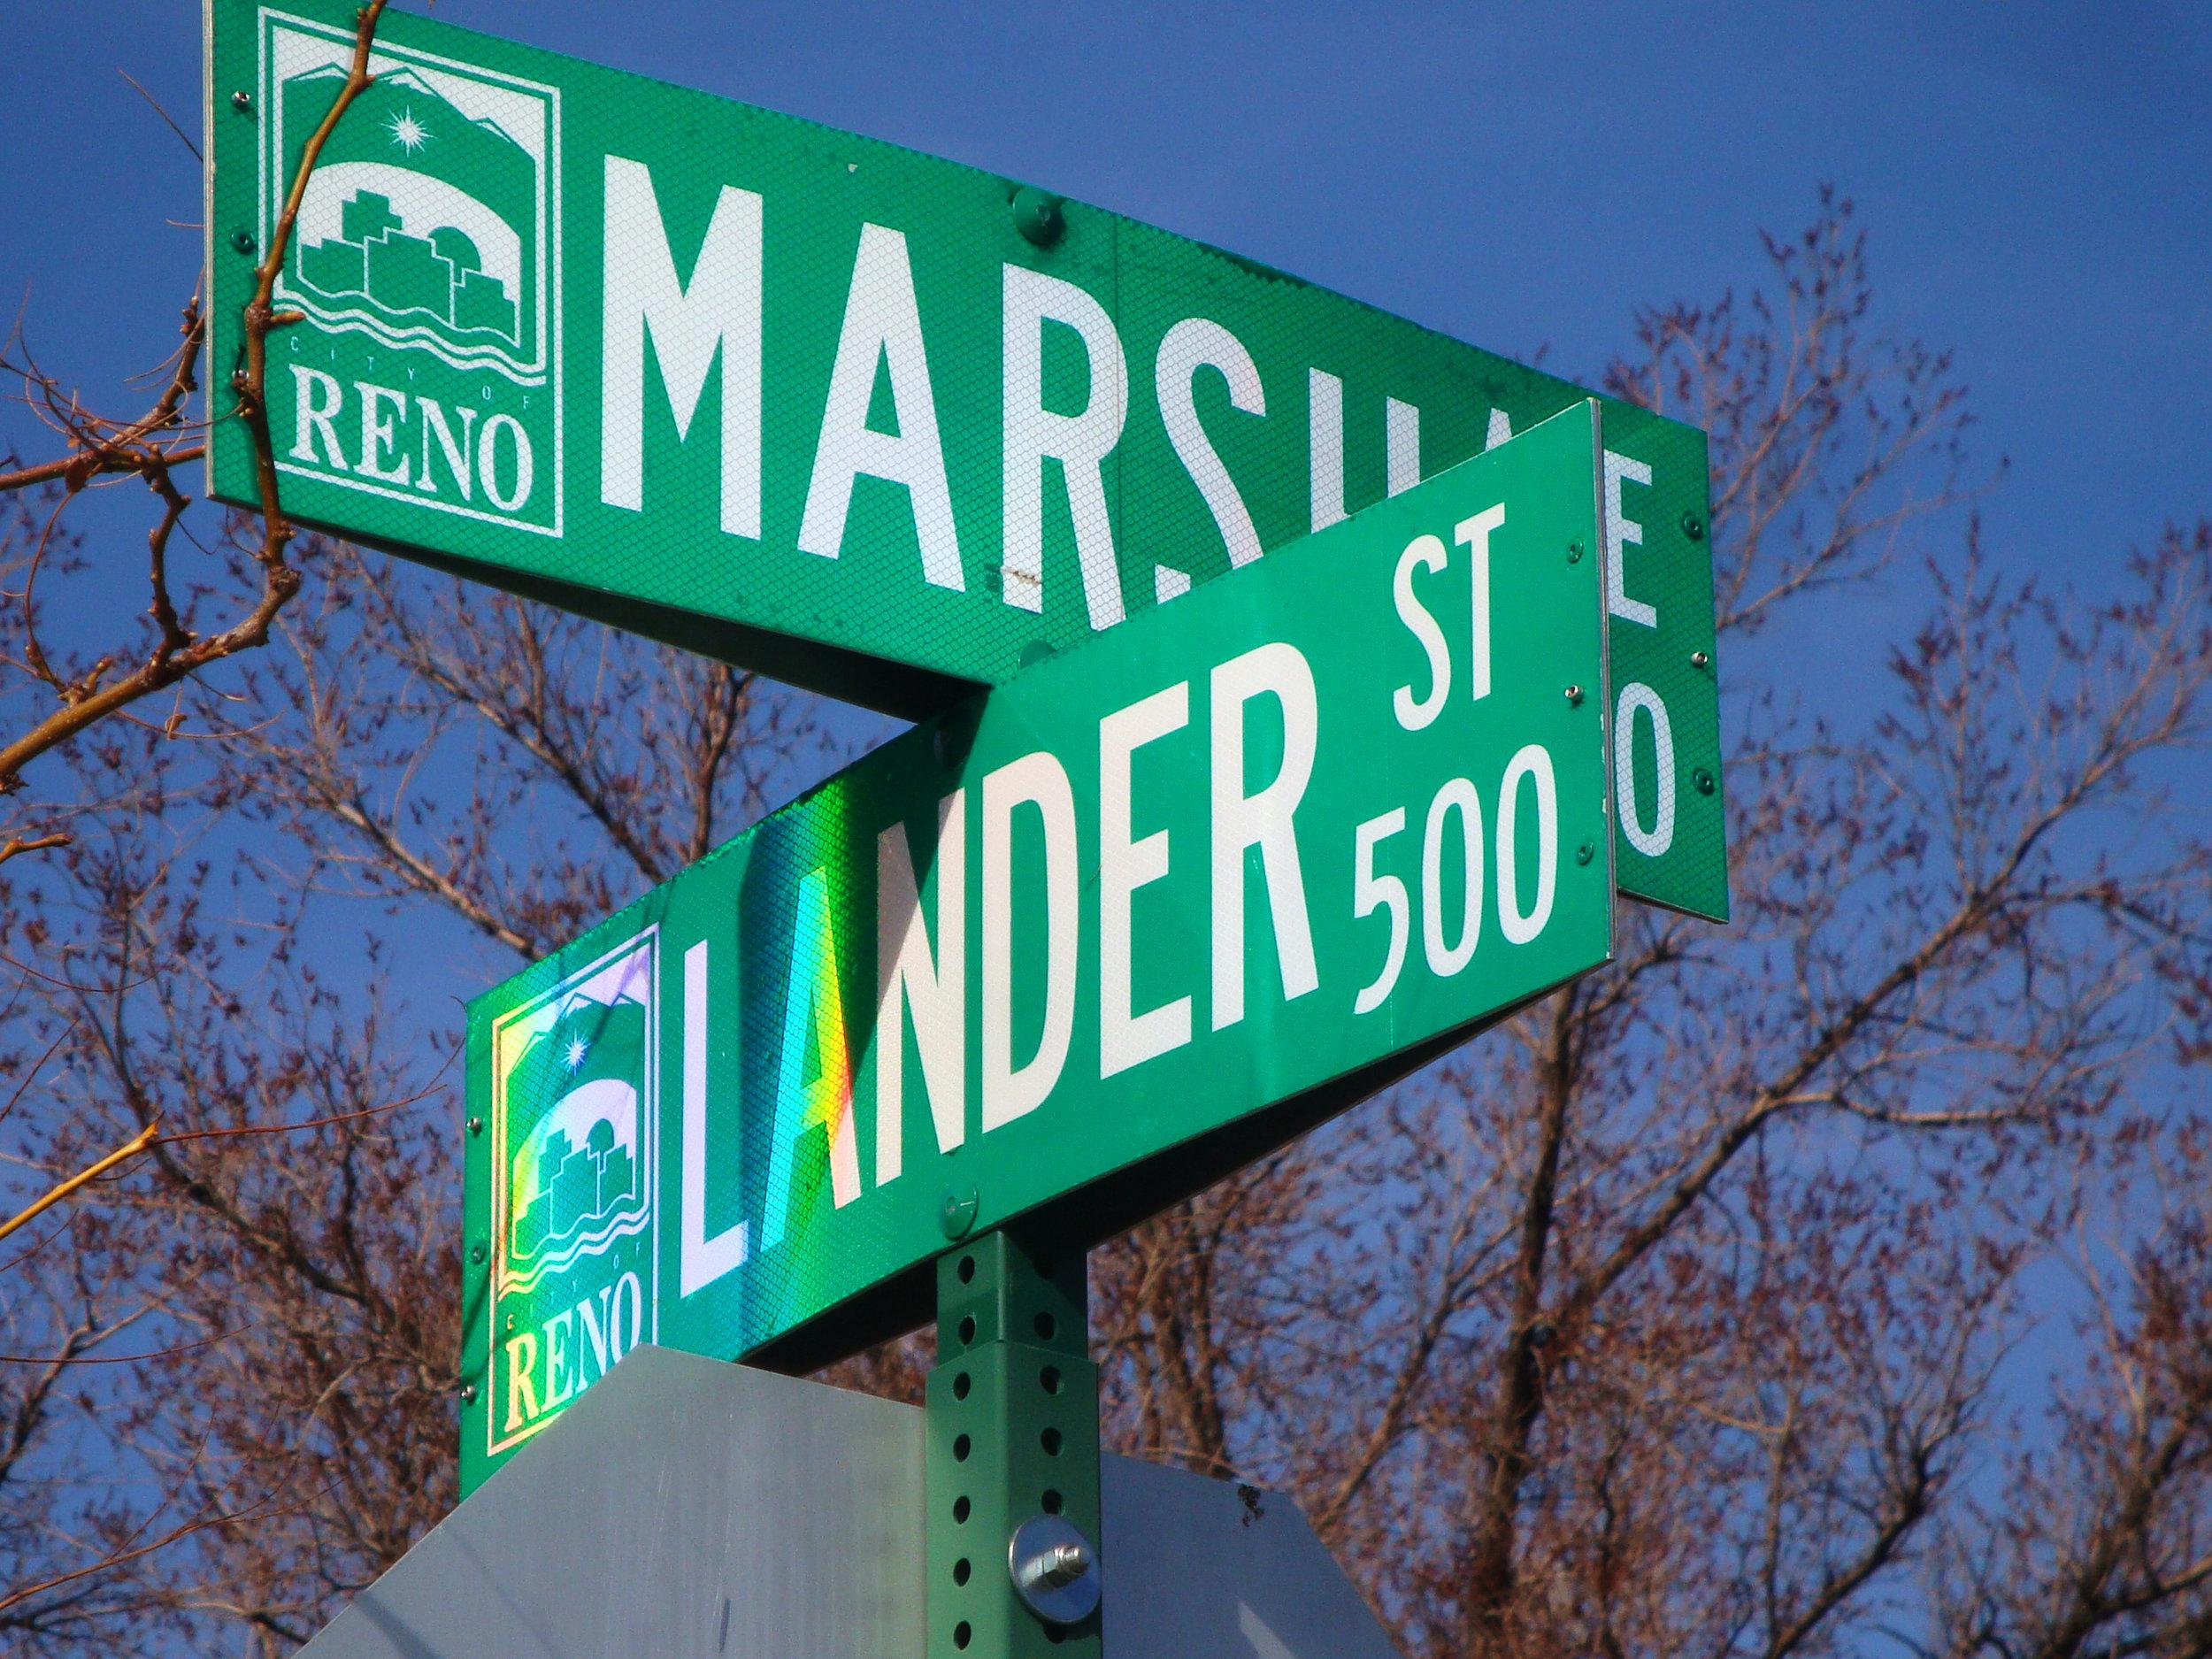 street sign lander1EDIT.jpg